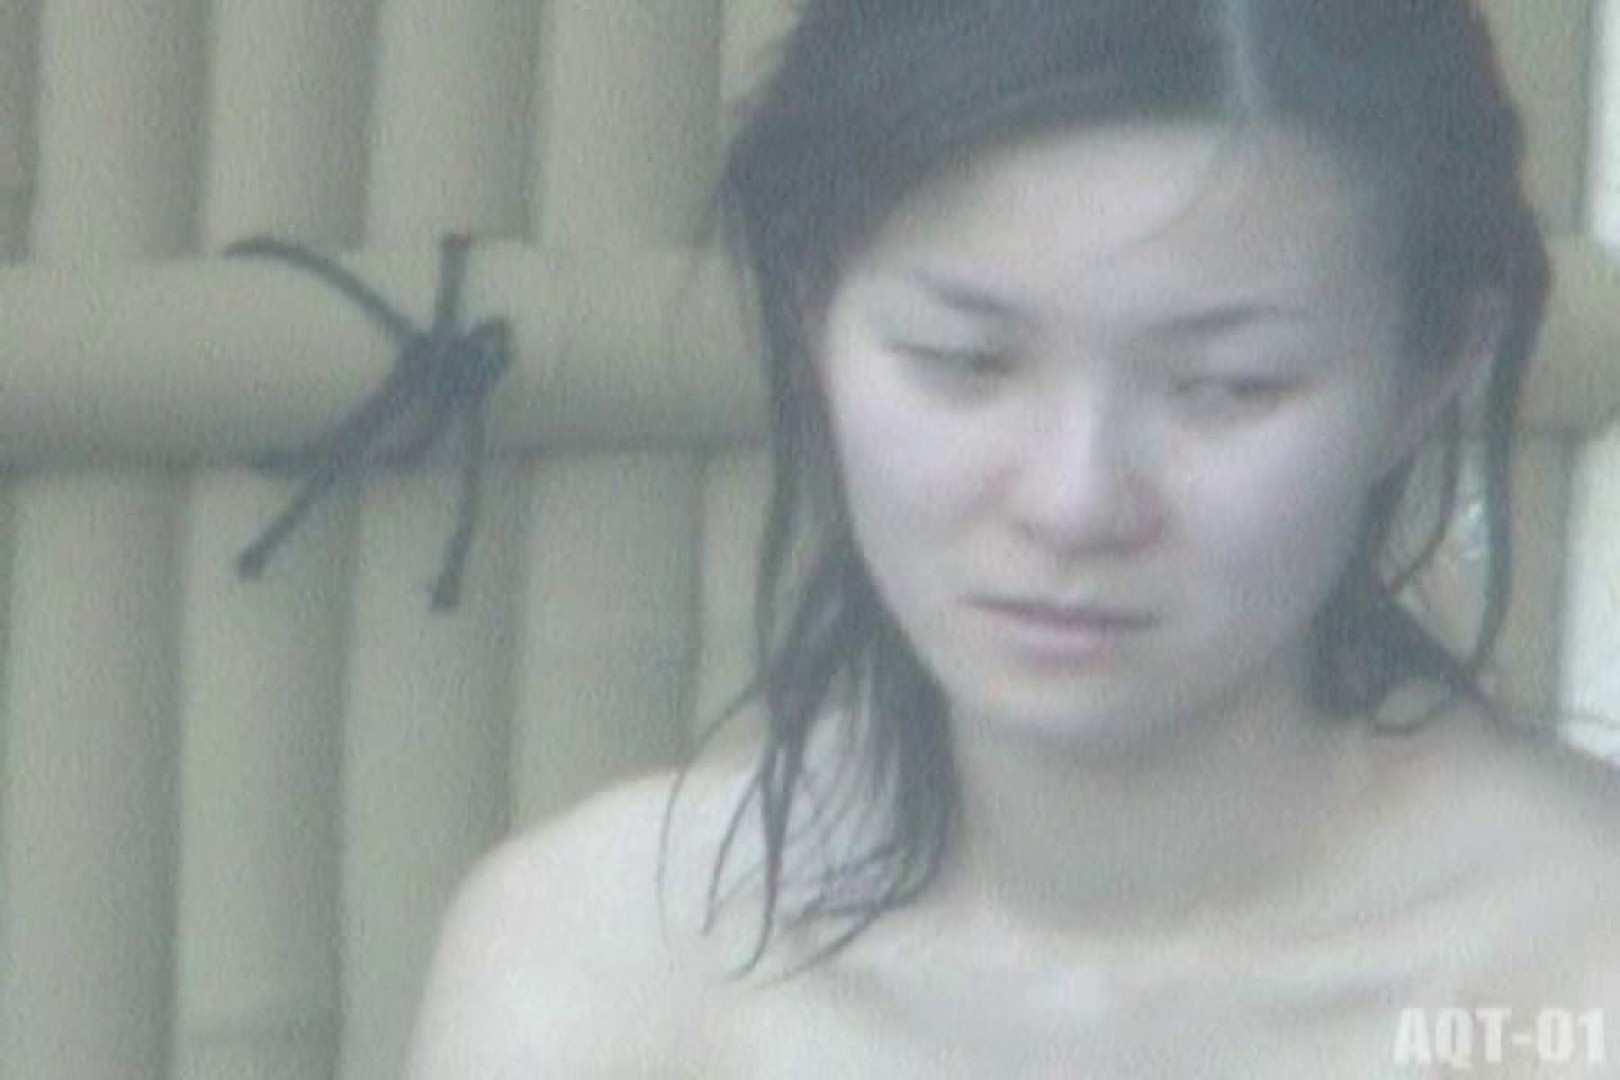 Aquaな露天風呂Vol.719 エロいOL 盗撮動画紹介 113枚